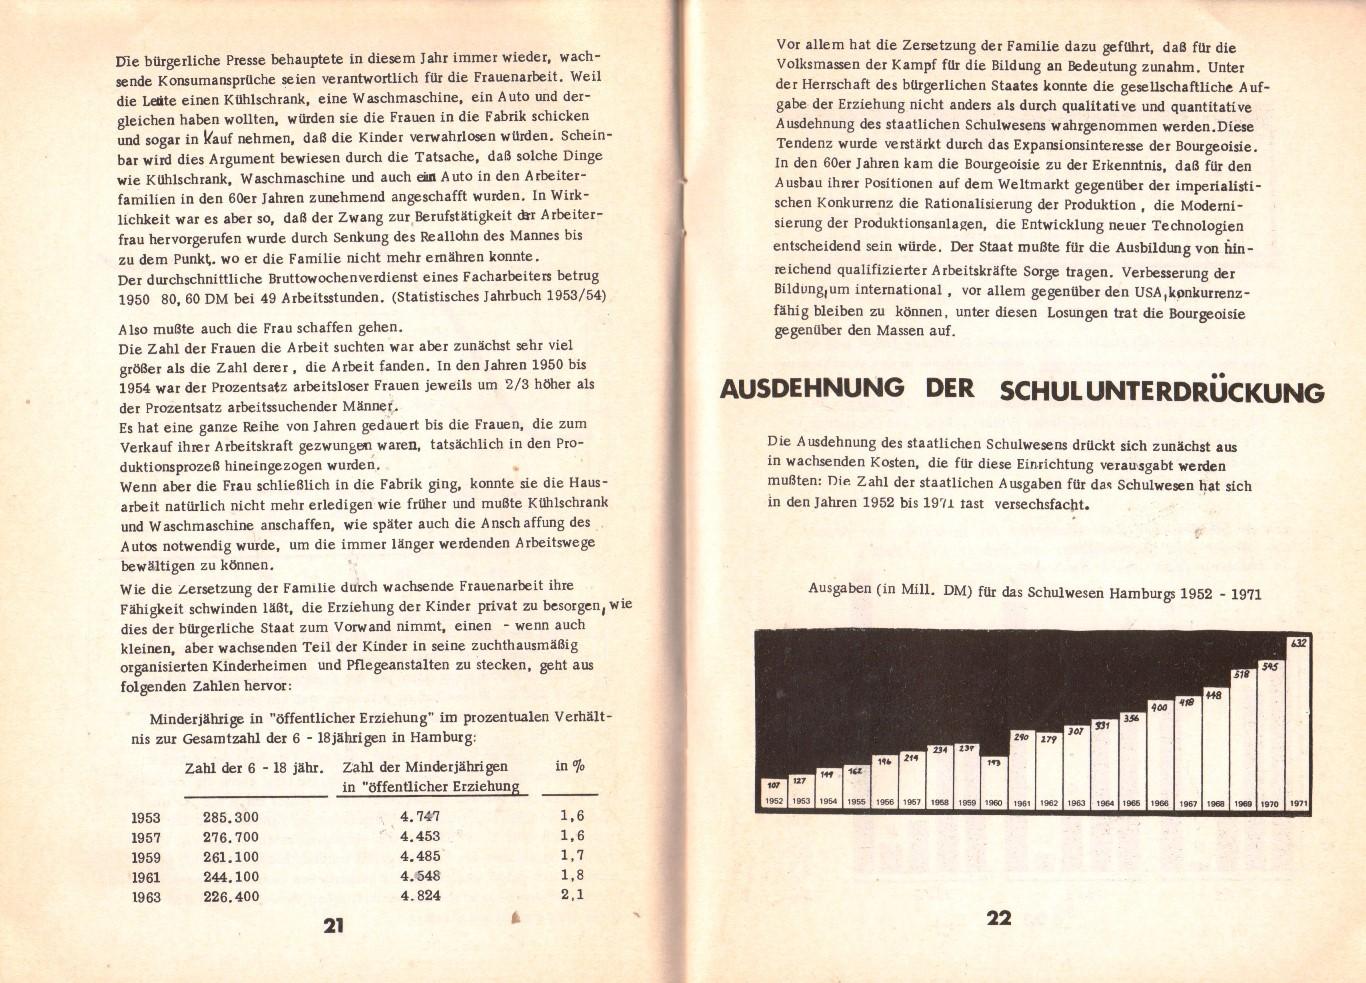 Hamburg_KBW_1976_Das_Schulwesen_seit_1945_13